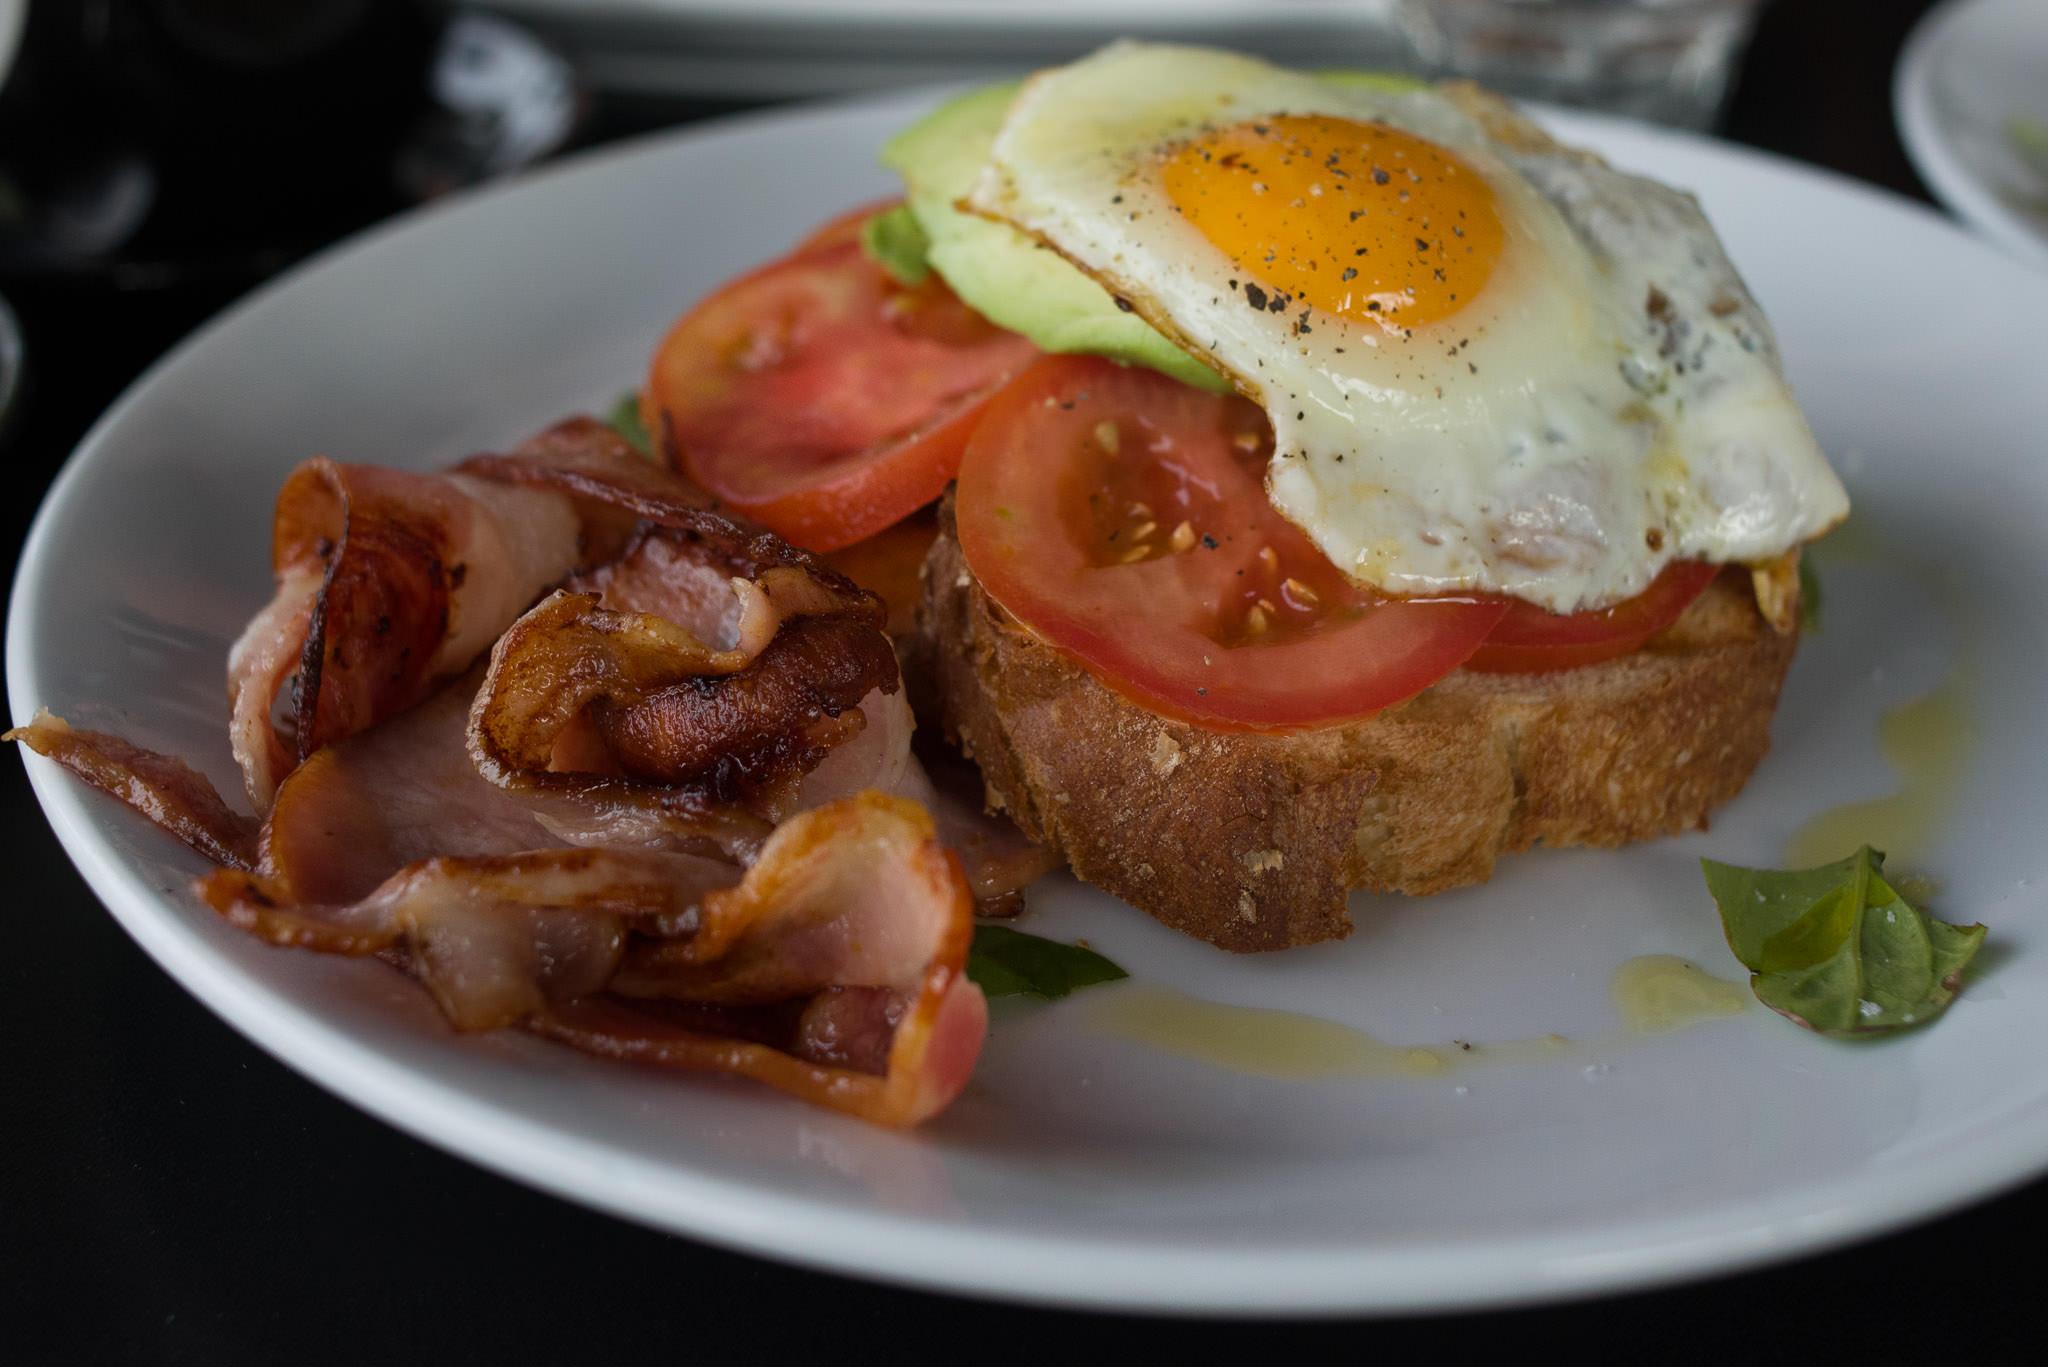 Avocado, fresh tomato, feta, basil on toast (AU$15.50)